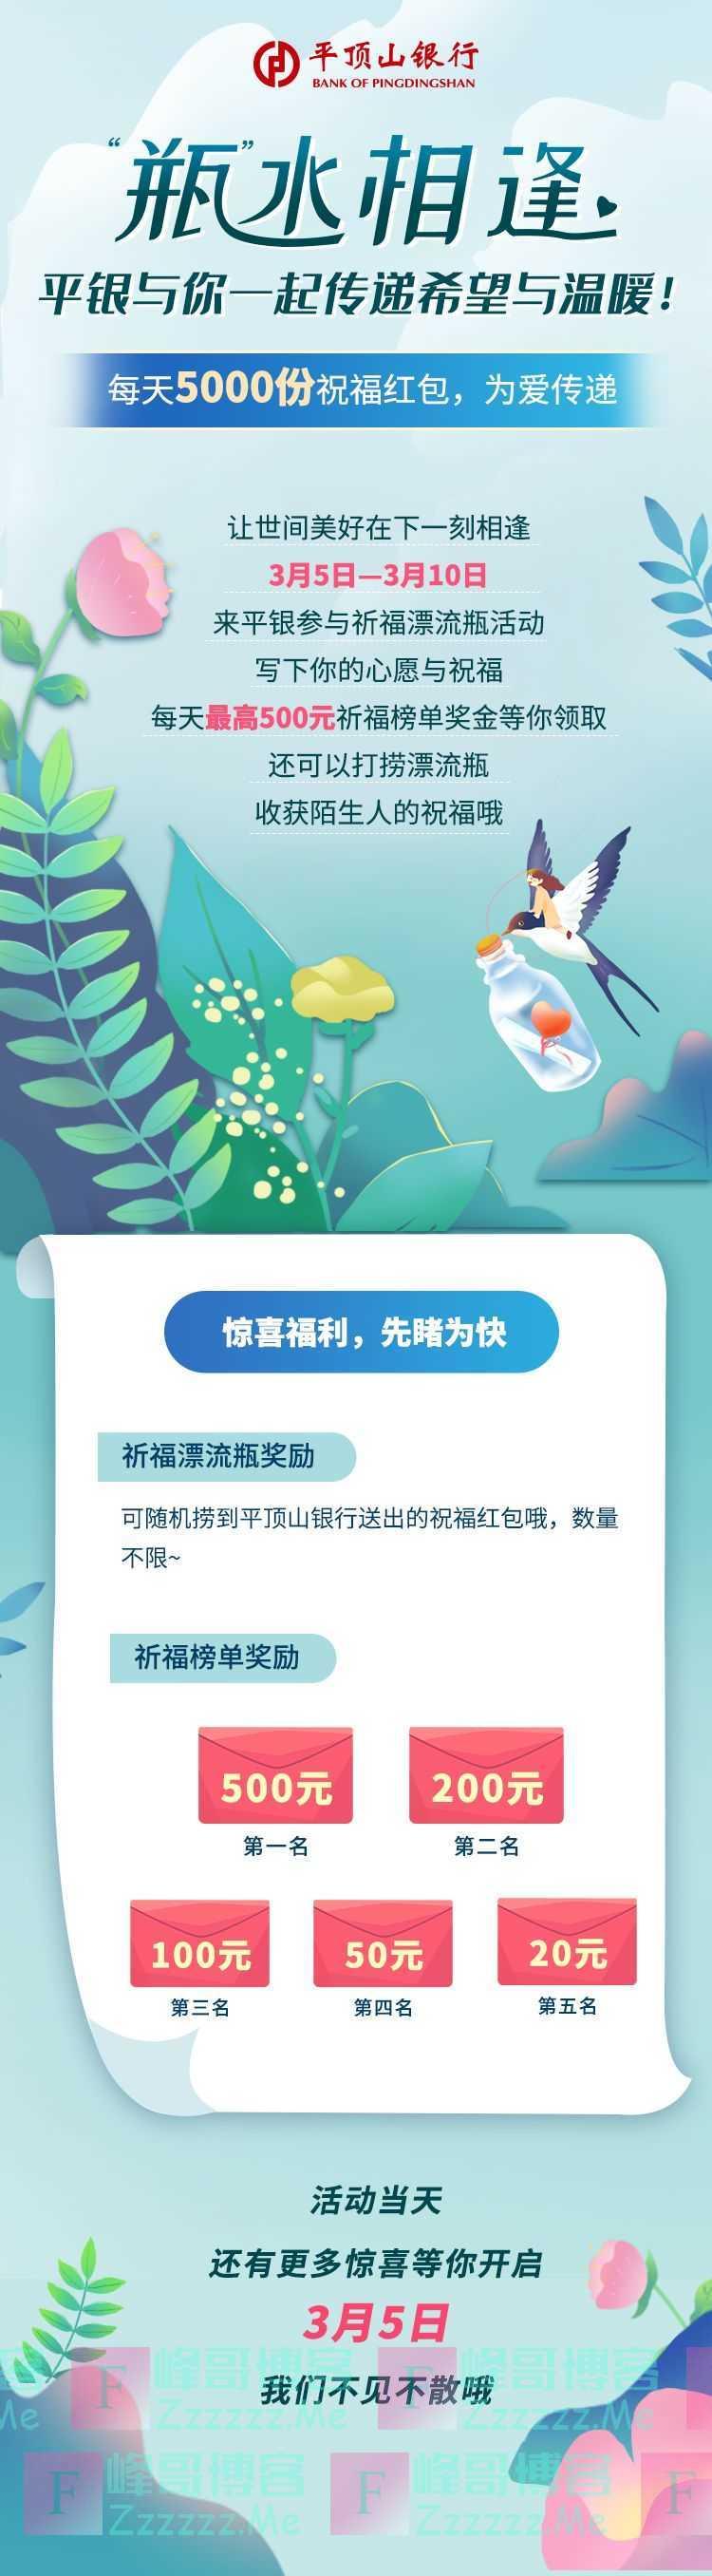 平顶山银行祈福漂流瓶为爱传递,惊喜福利抢先看(截止3月10日)